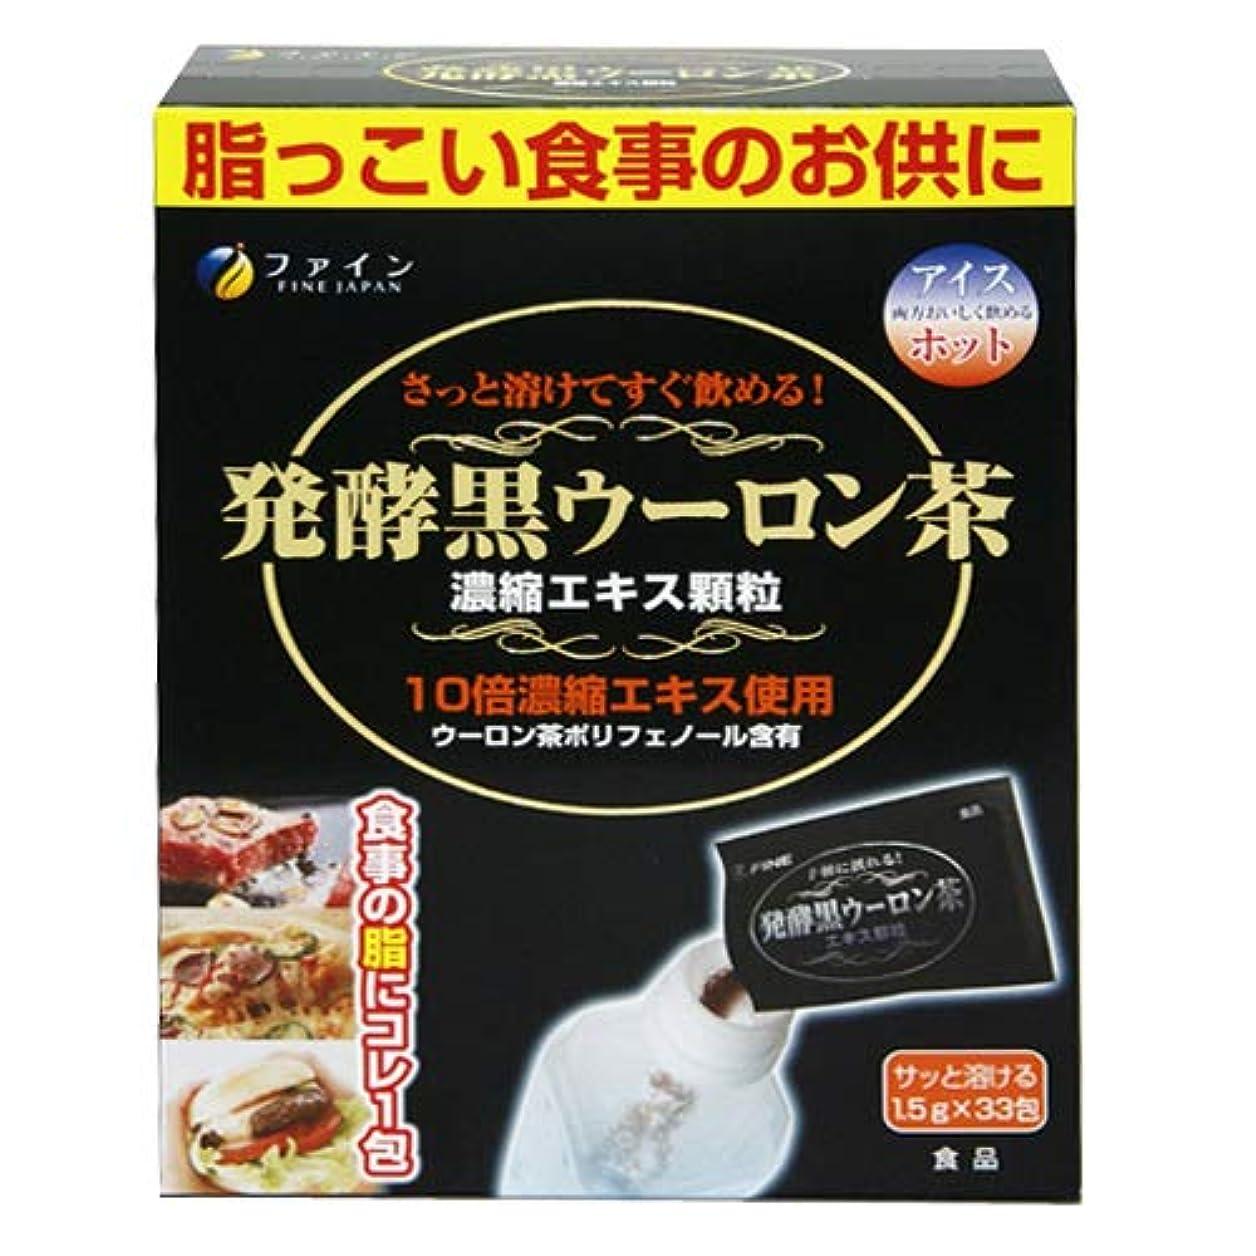 サークル精度干し草発酵黒ウーロン茶 濃縮エキス顆粒 【2箱組】